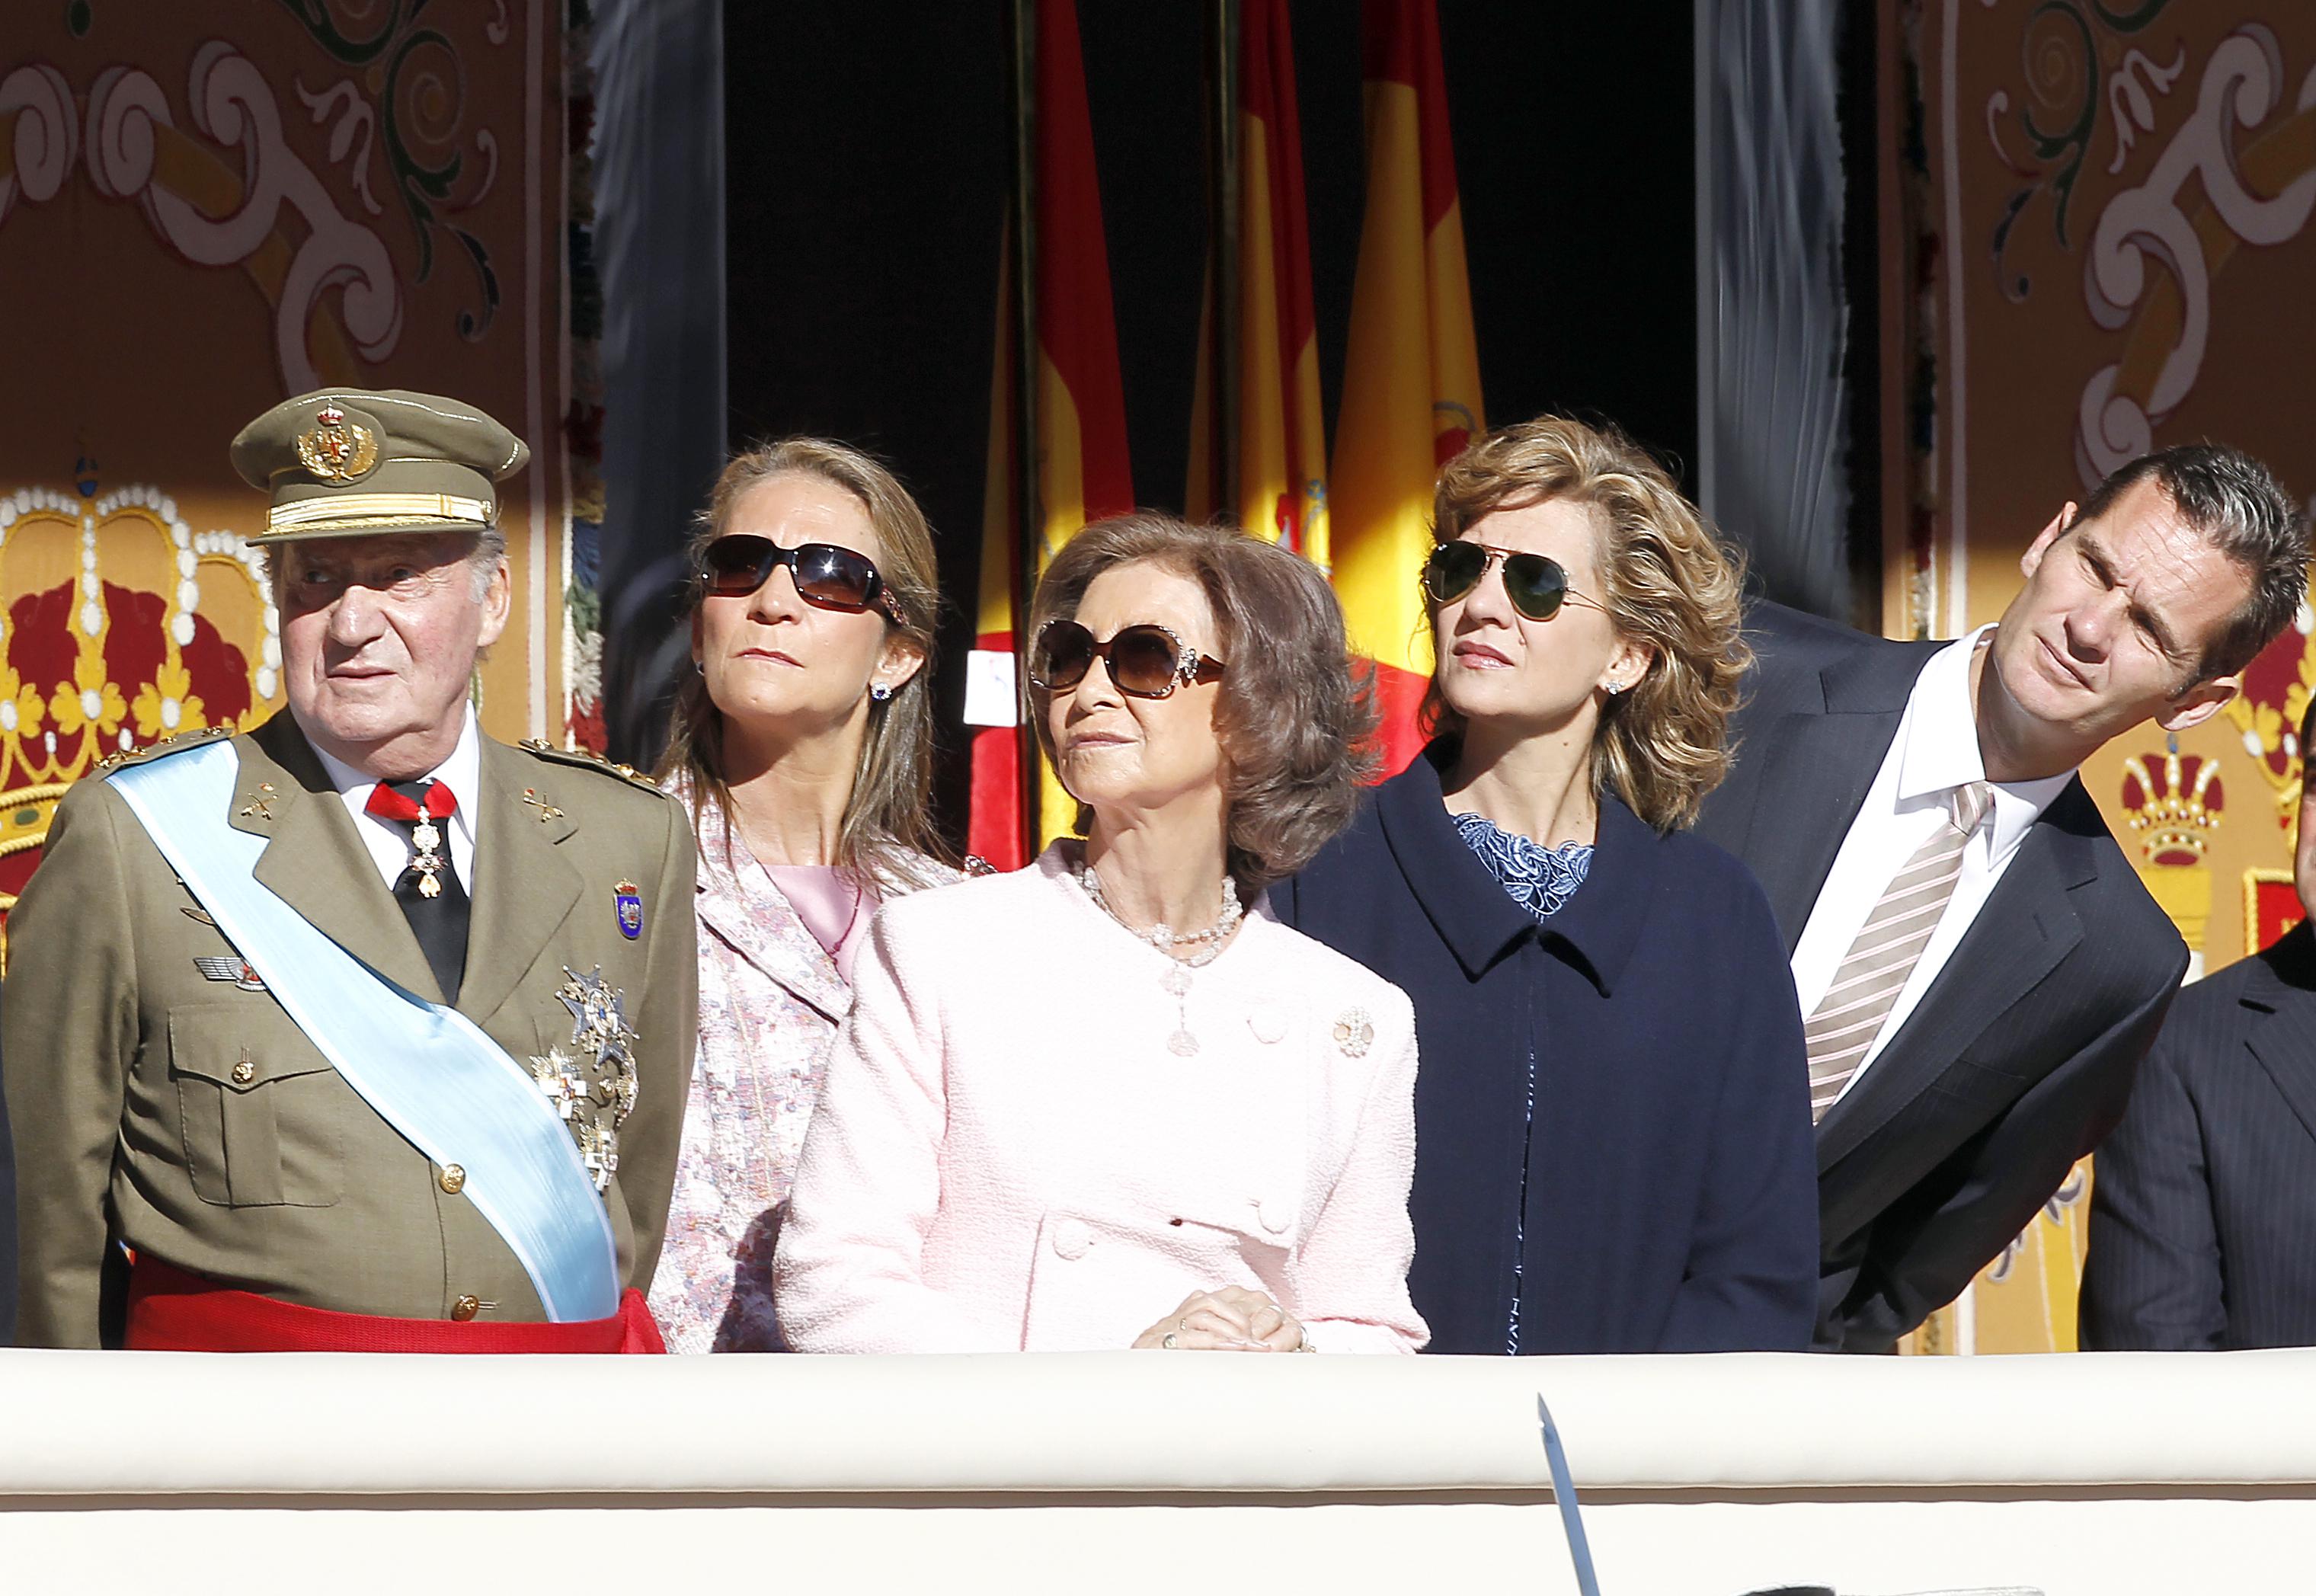 los reyes, la infanta elena y los duques de lugo (imagen de archivo)